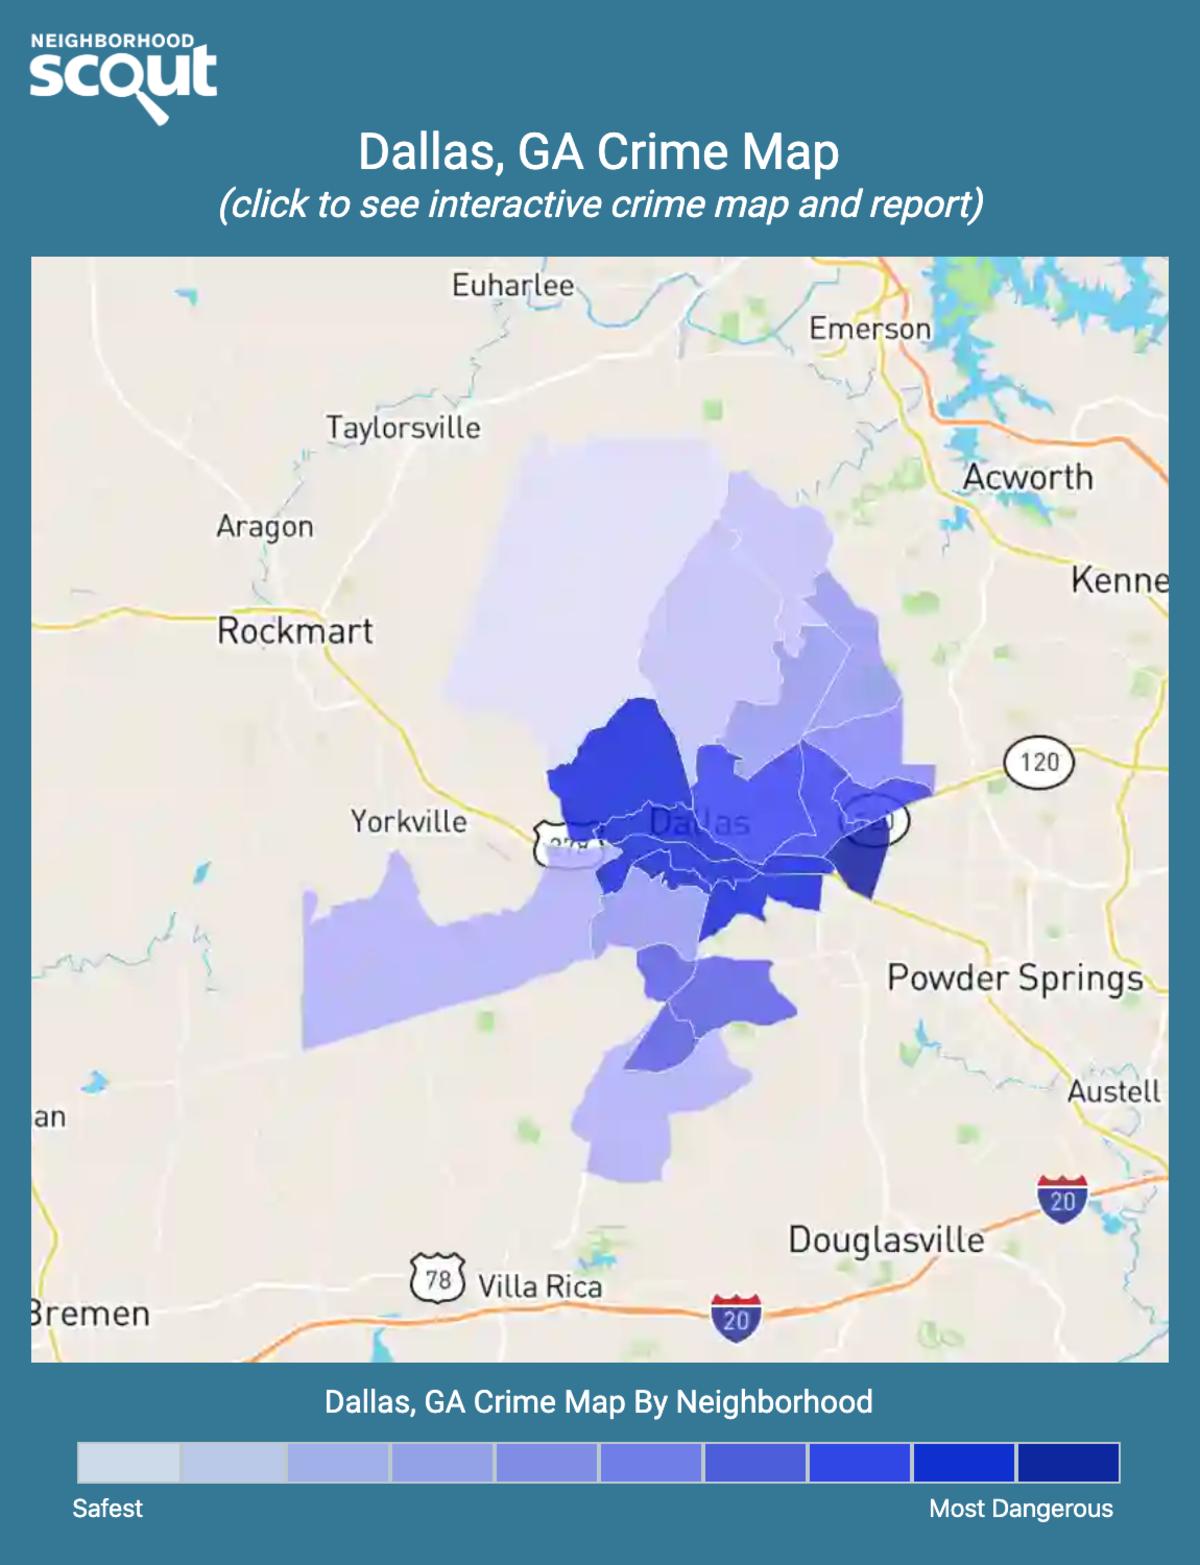 Dallas, Georgia crime map